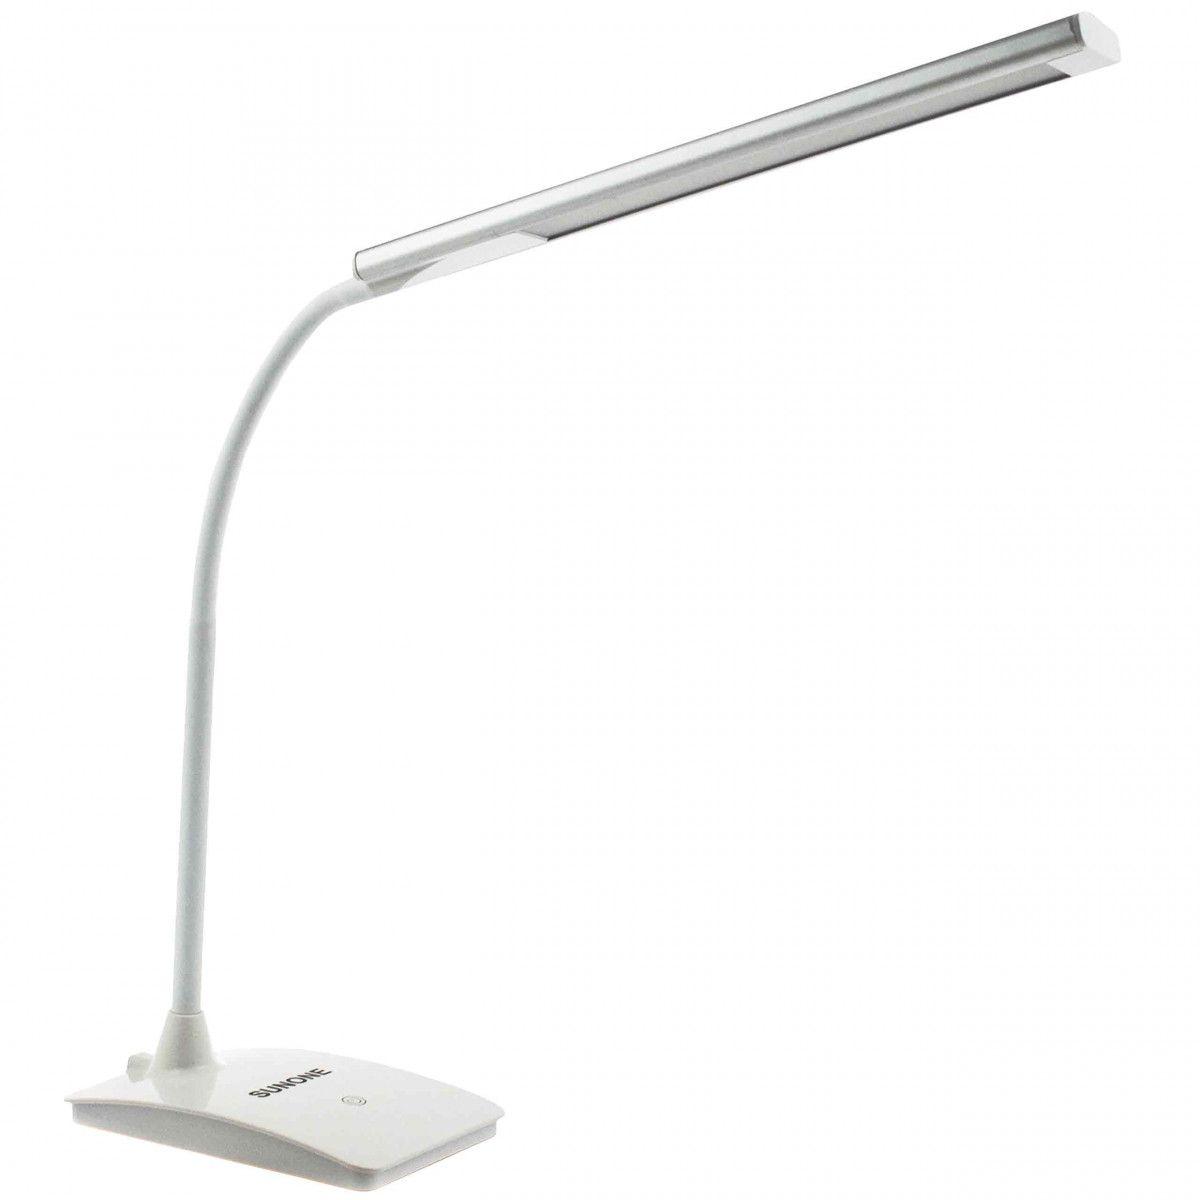 SunOne bezcieniowa lampa LED 7W idealna do pracy przy manicure